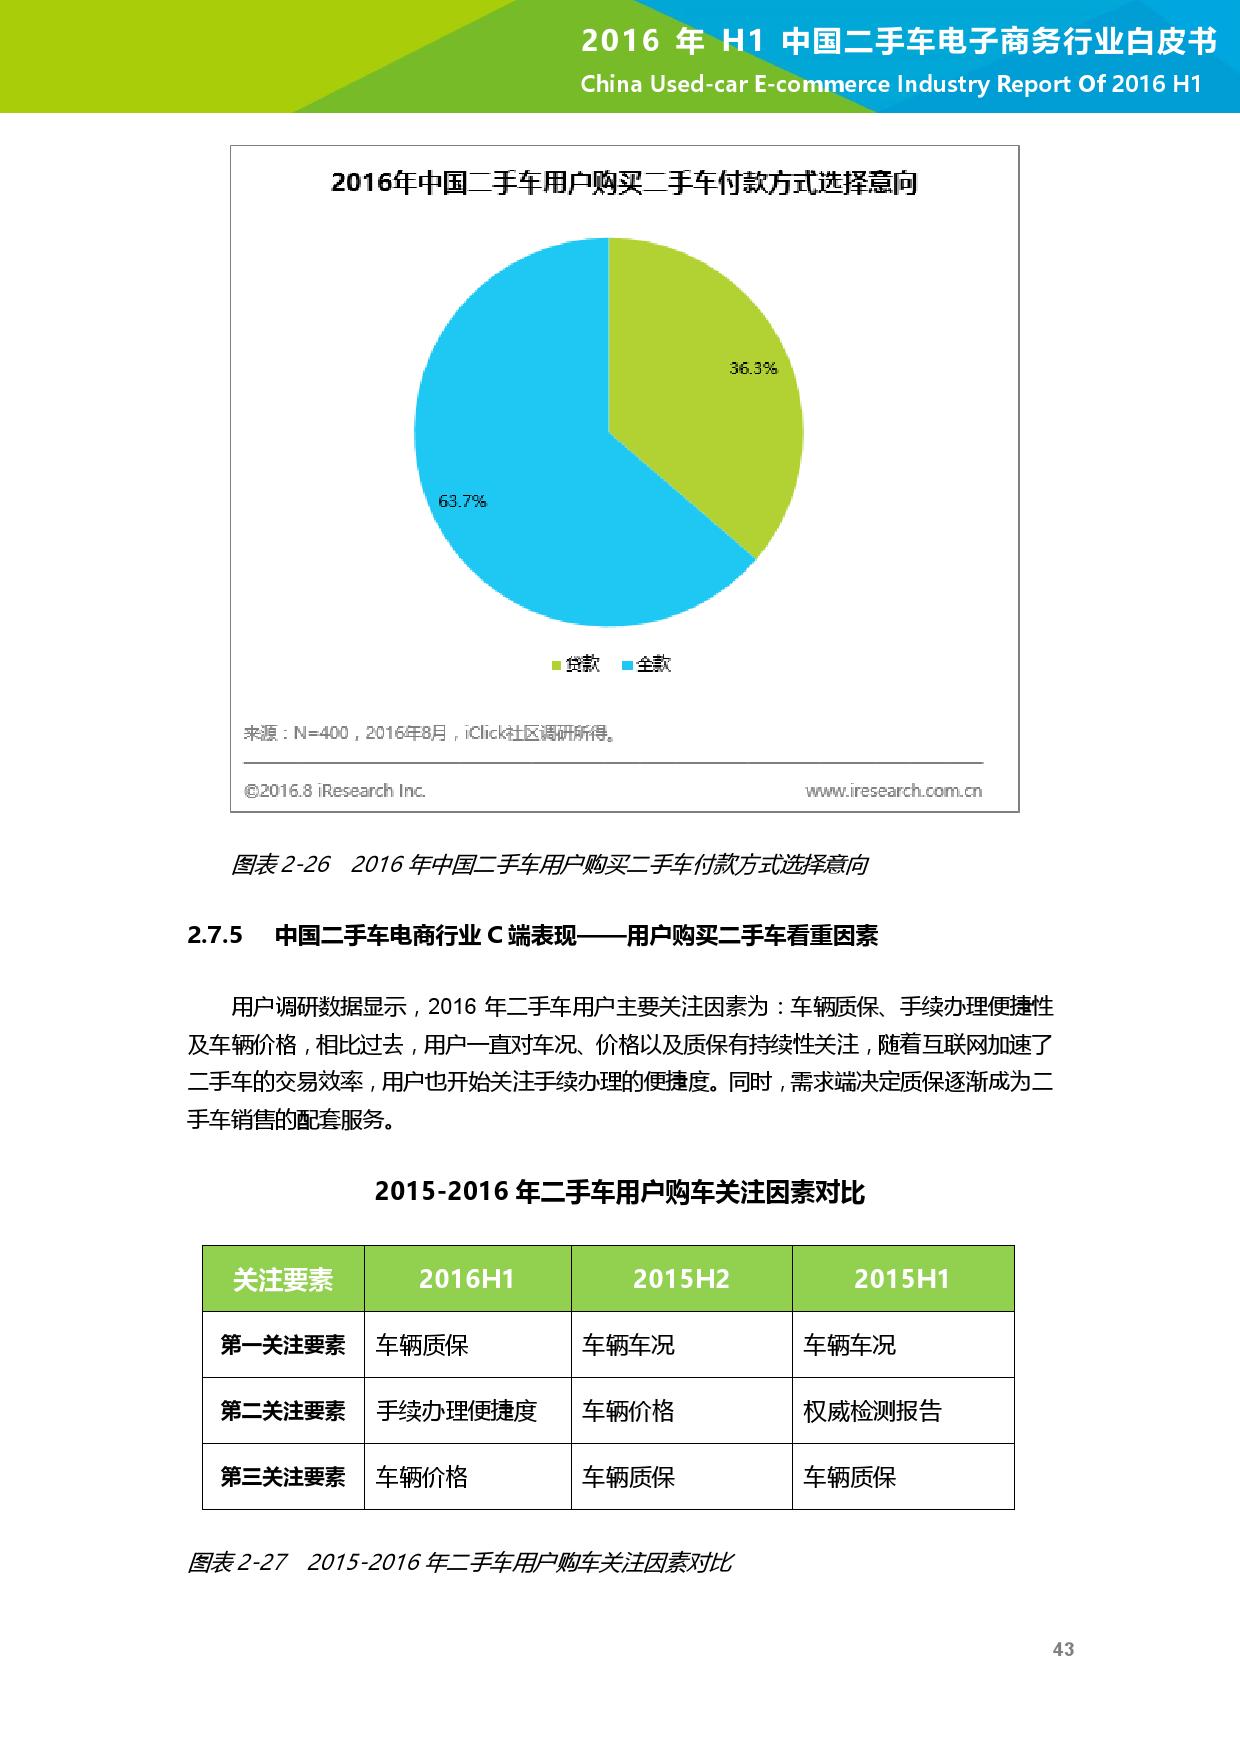 2016年H1中国二手车电子商务行业白皮书_000044